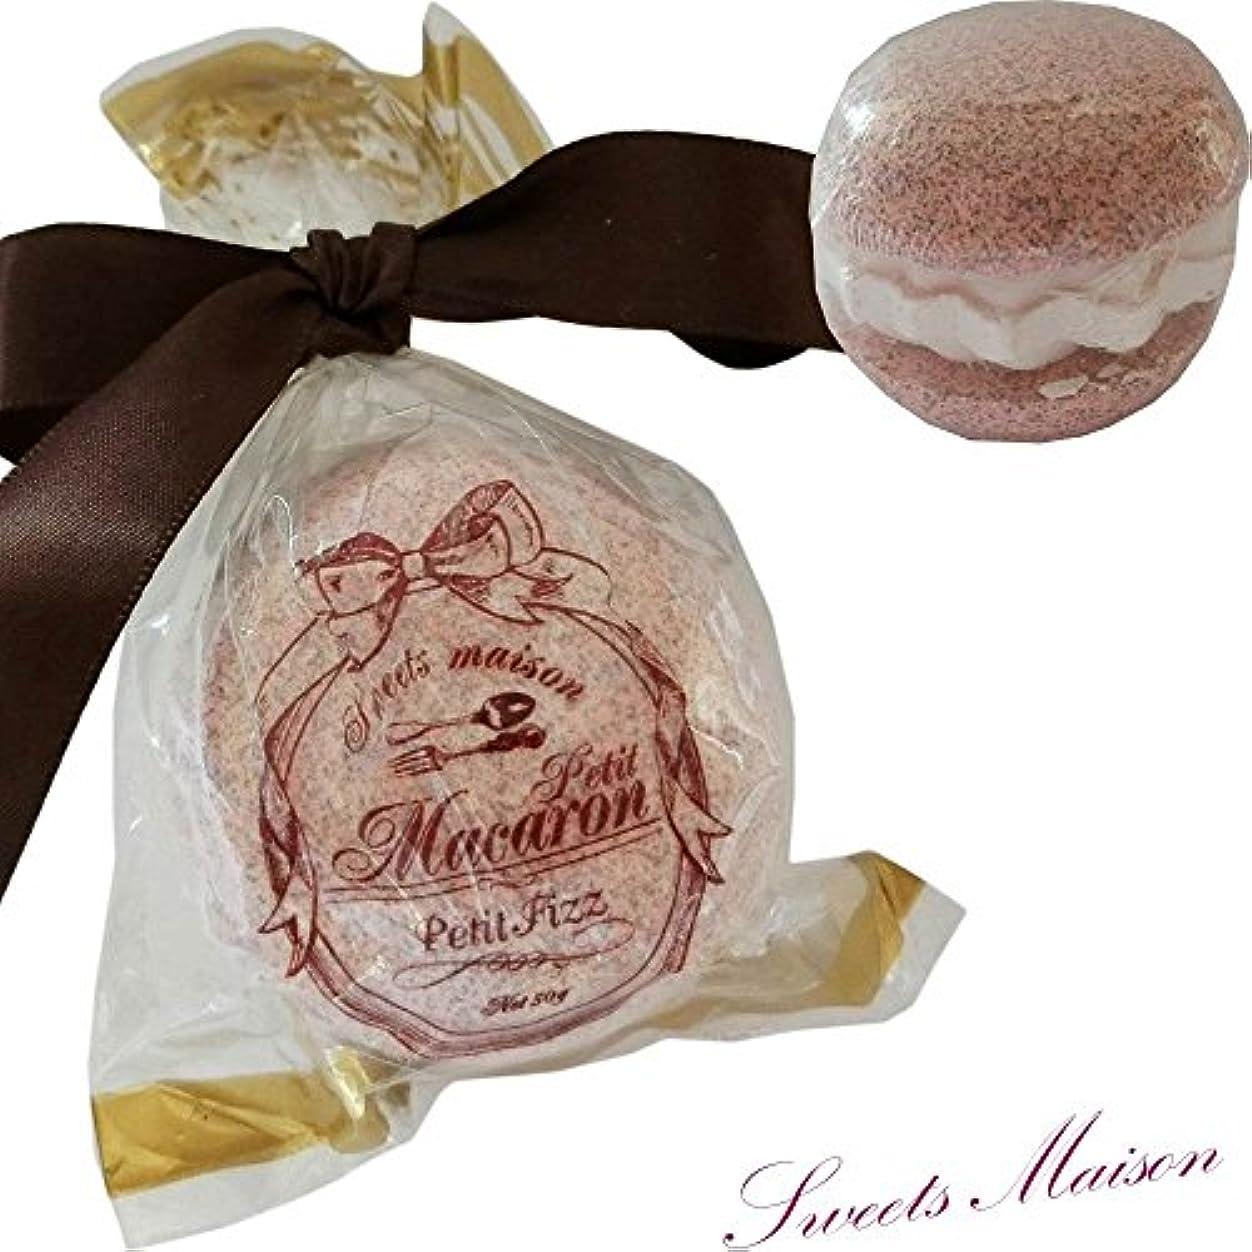 測定サイズマーキング【Sweets Maison】プチマカロンフィズ ビターなマンダリン&チョコレートの香り 1個